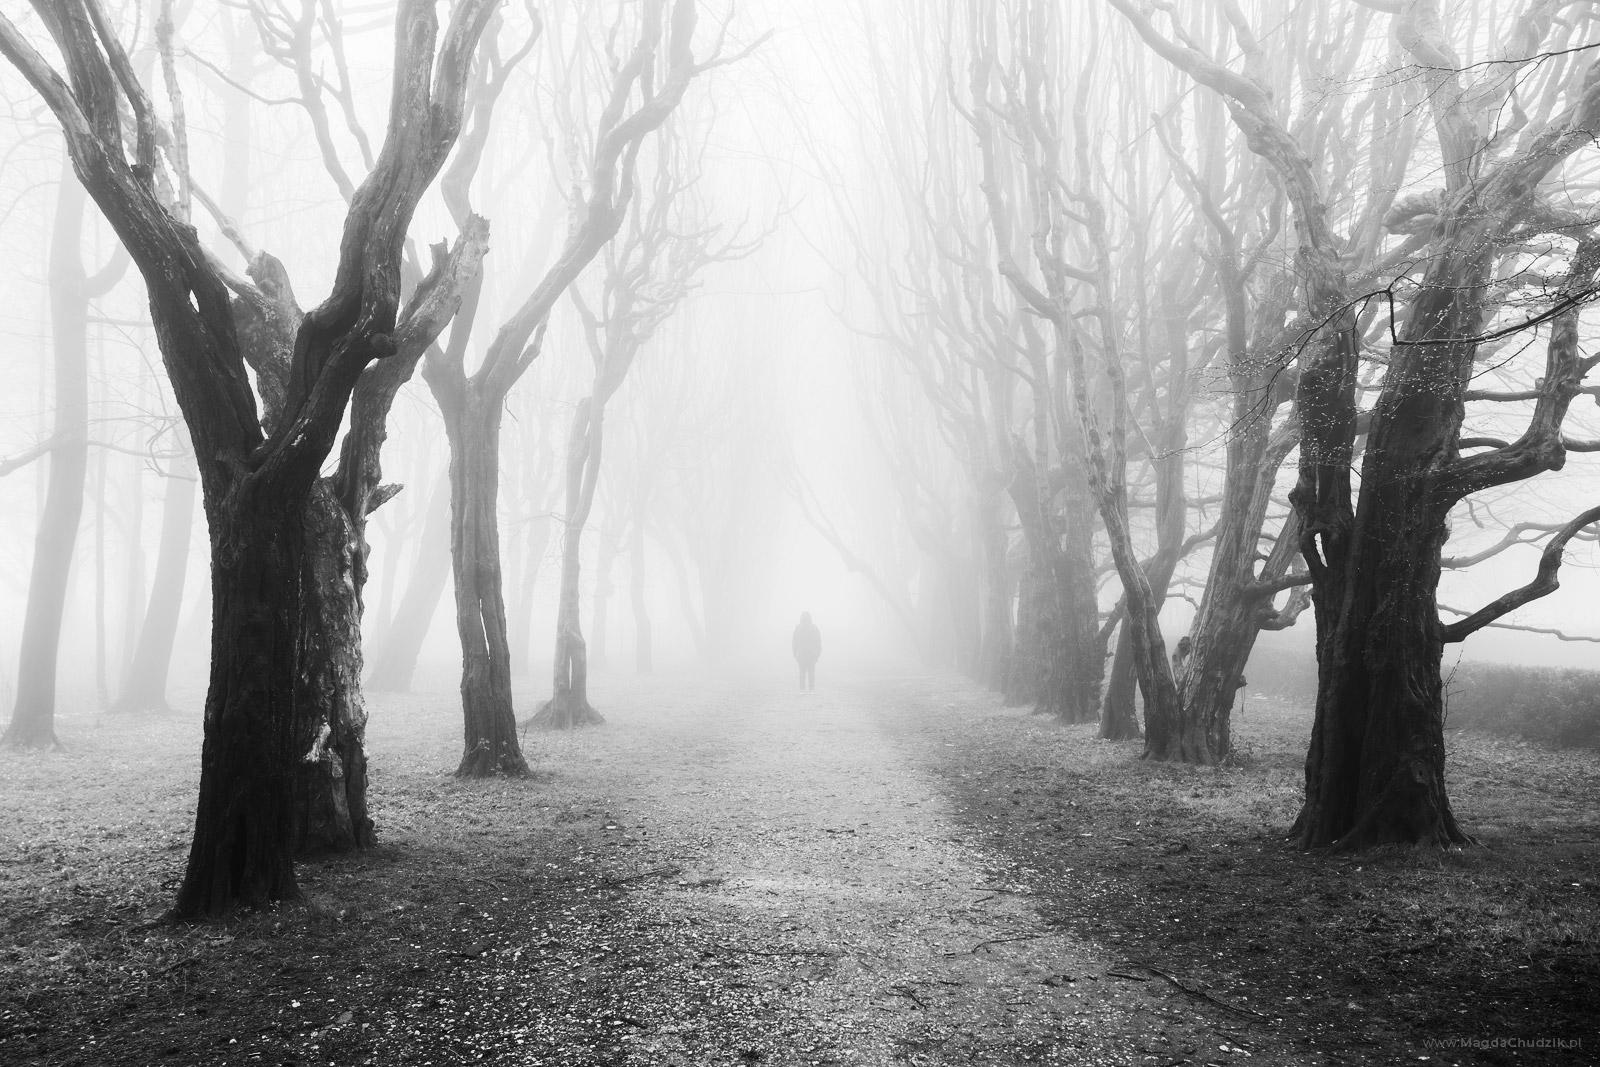 magda-chudzik-black-and-white-landscape-photography-66